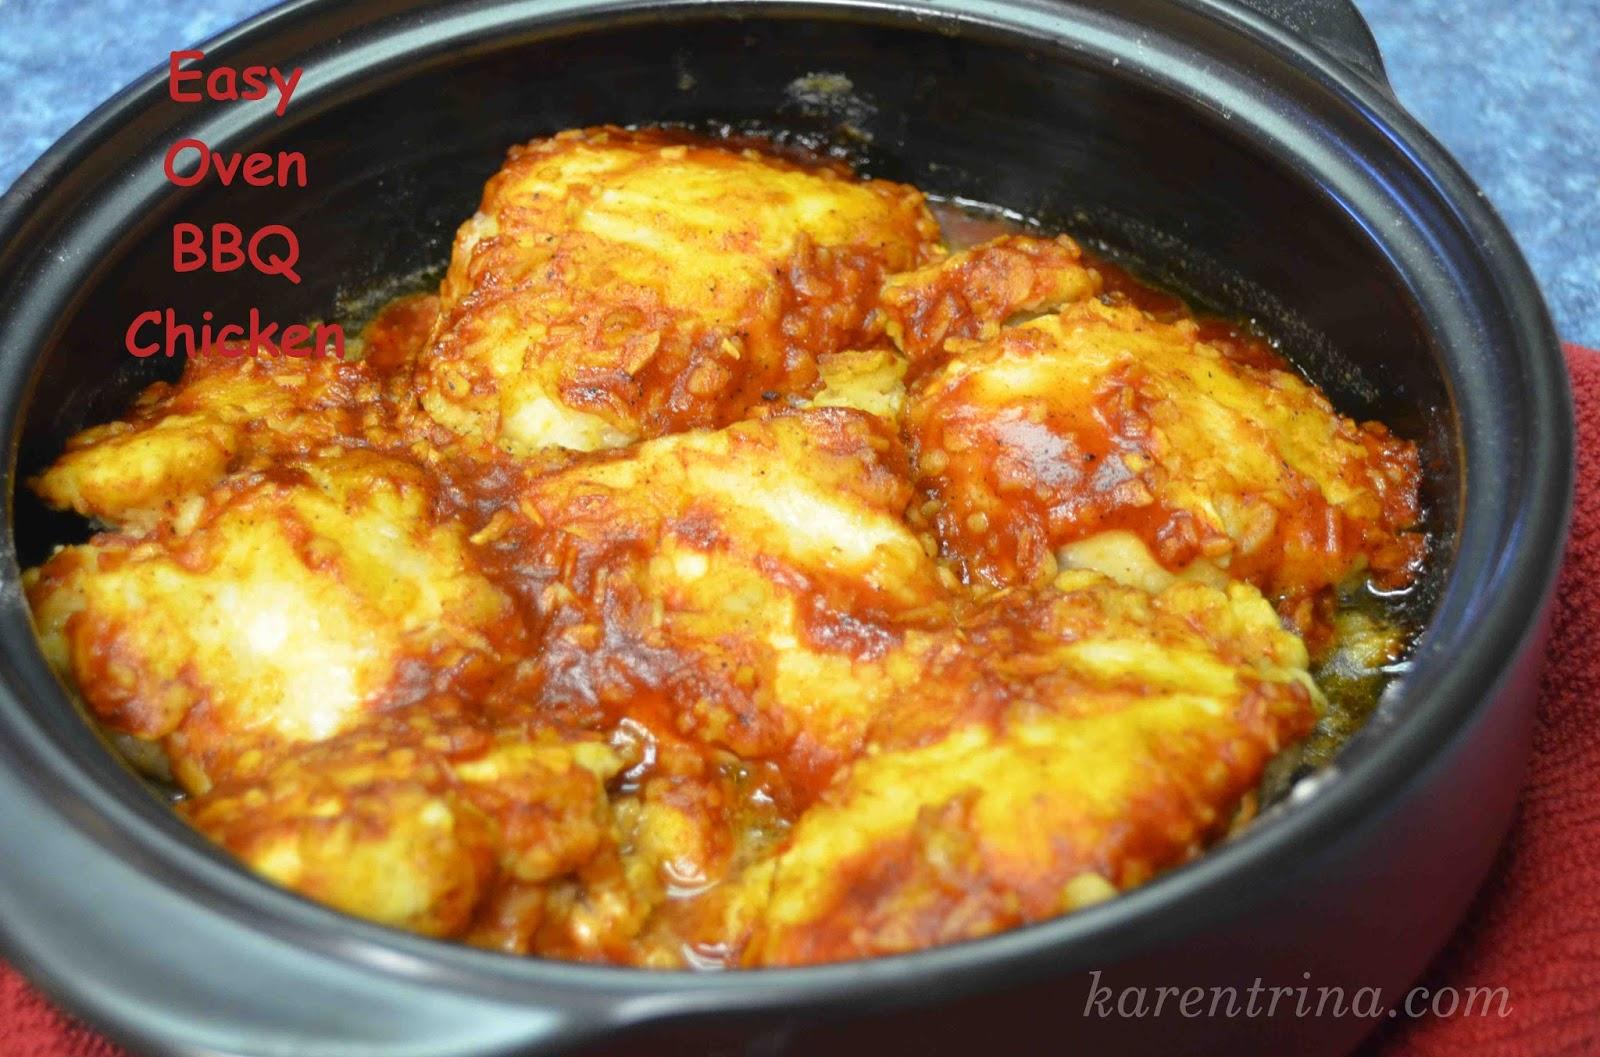 bbq chicken, baked chicken